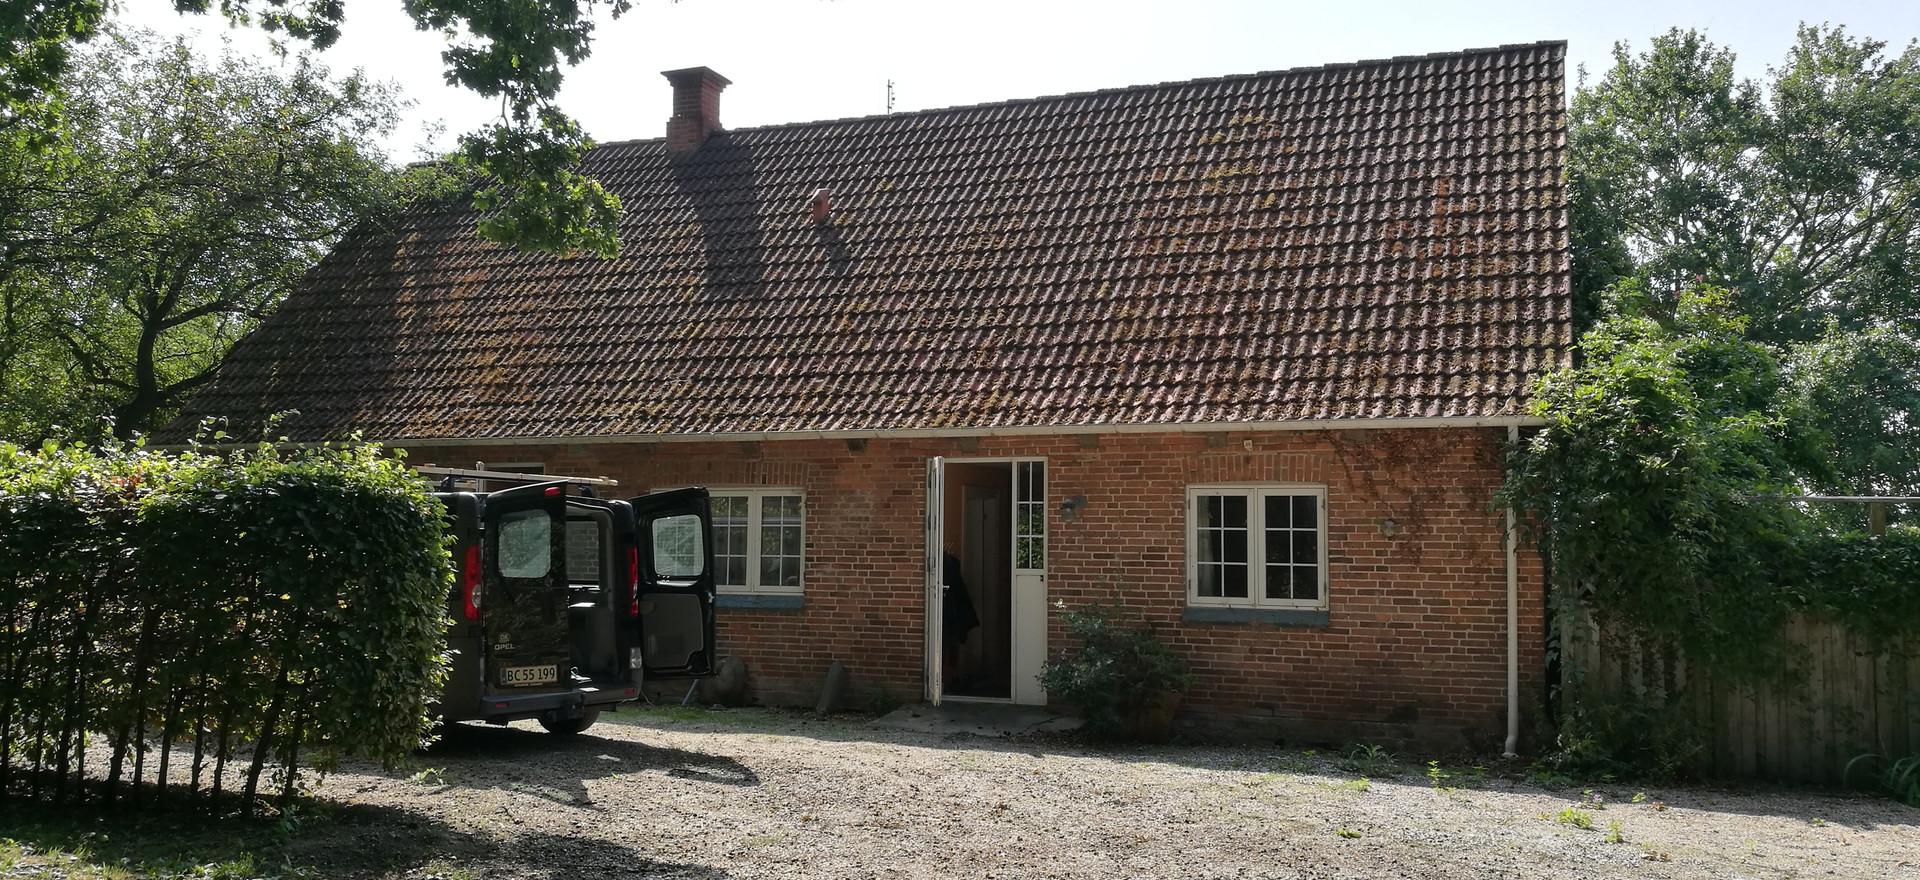 Skovhuset er et lille hus vi har lejet af Knuthenborg Gods.